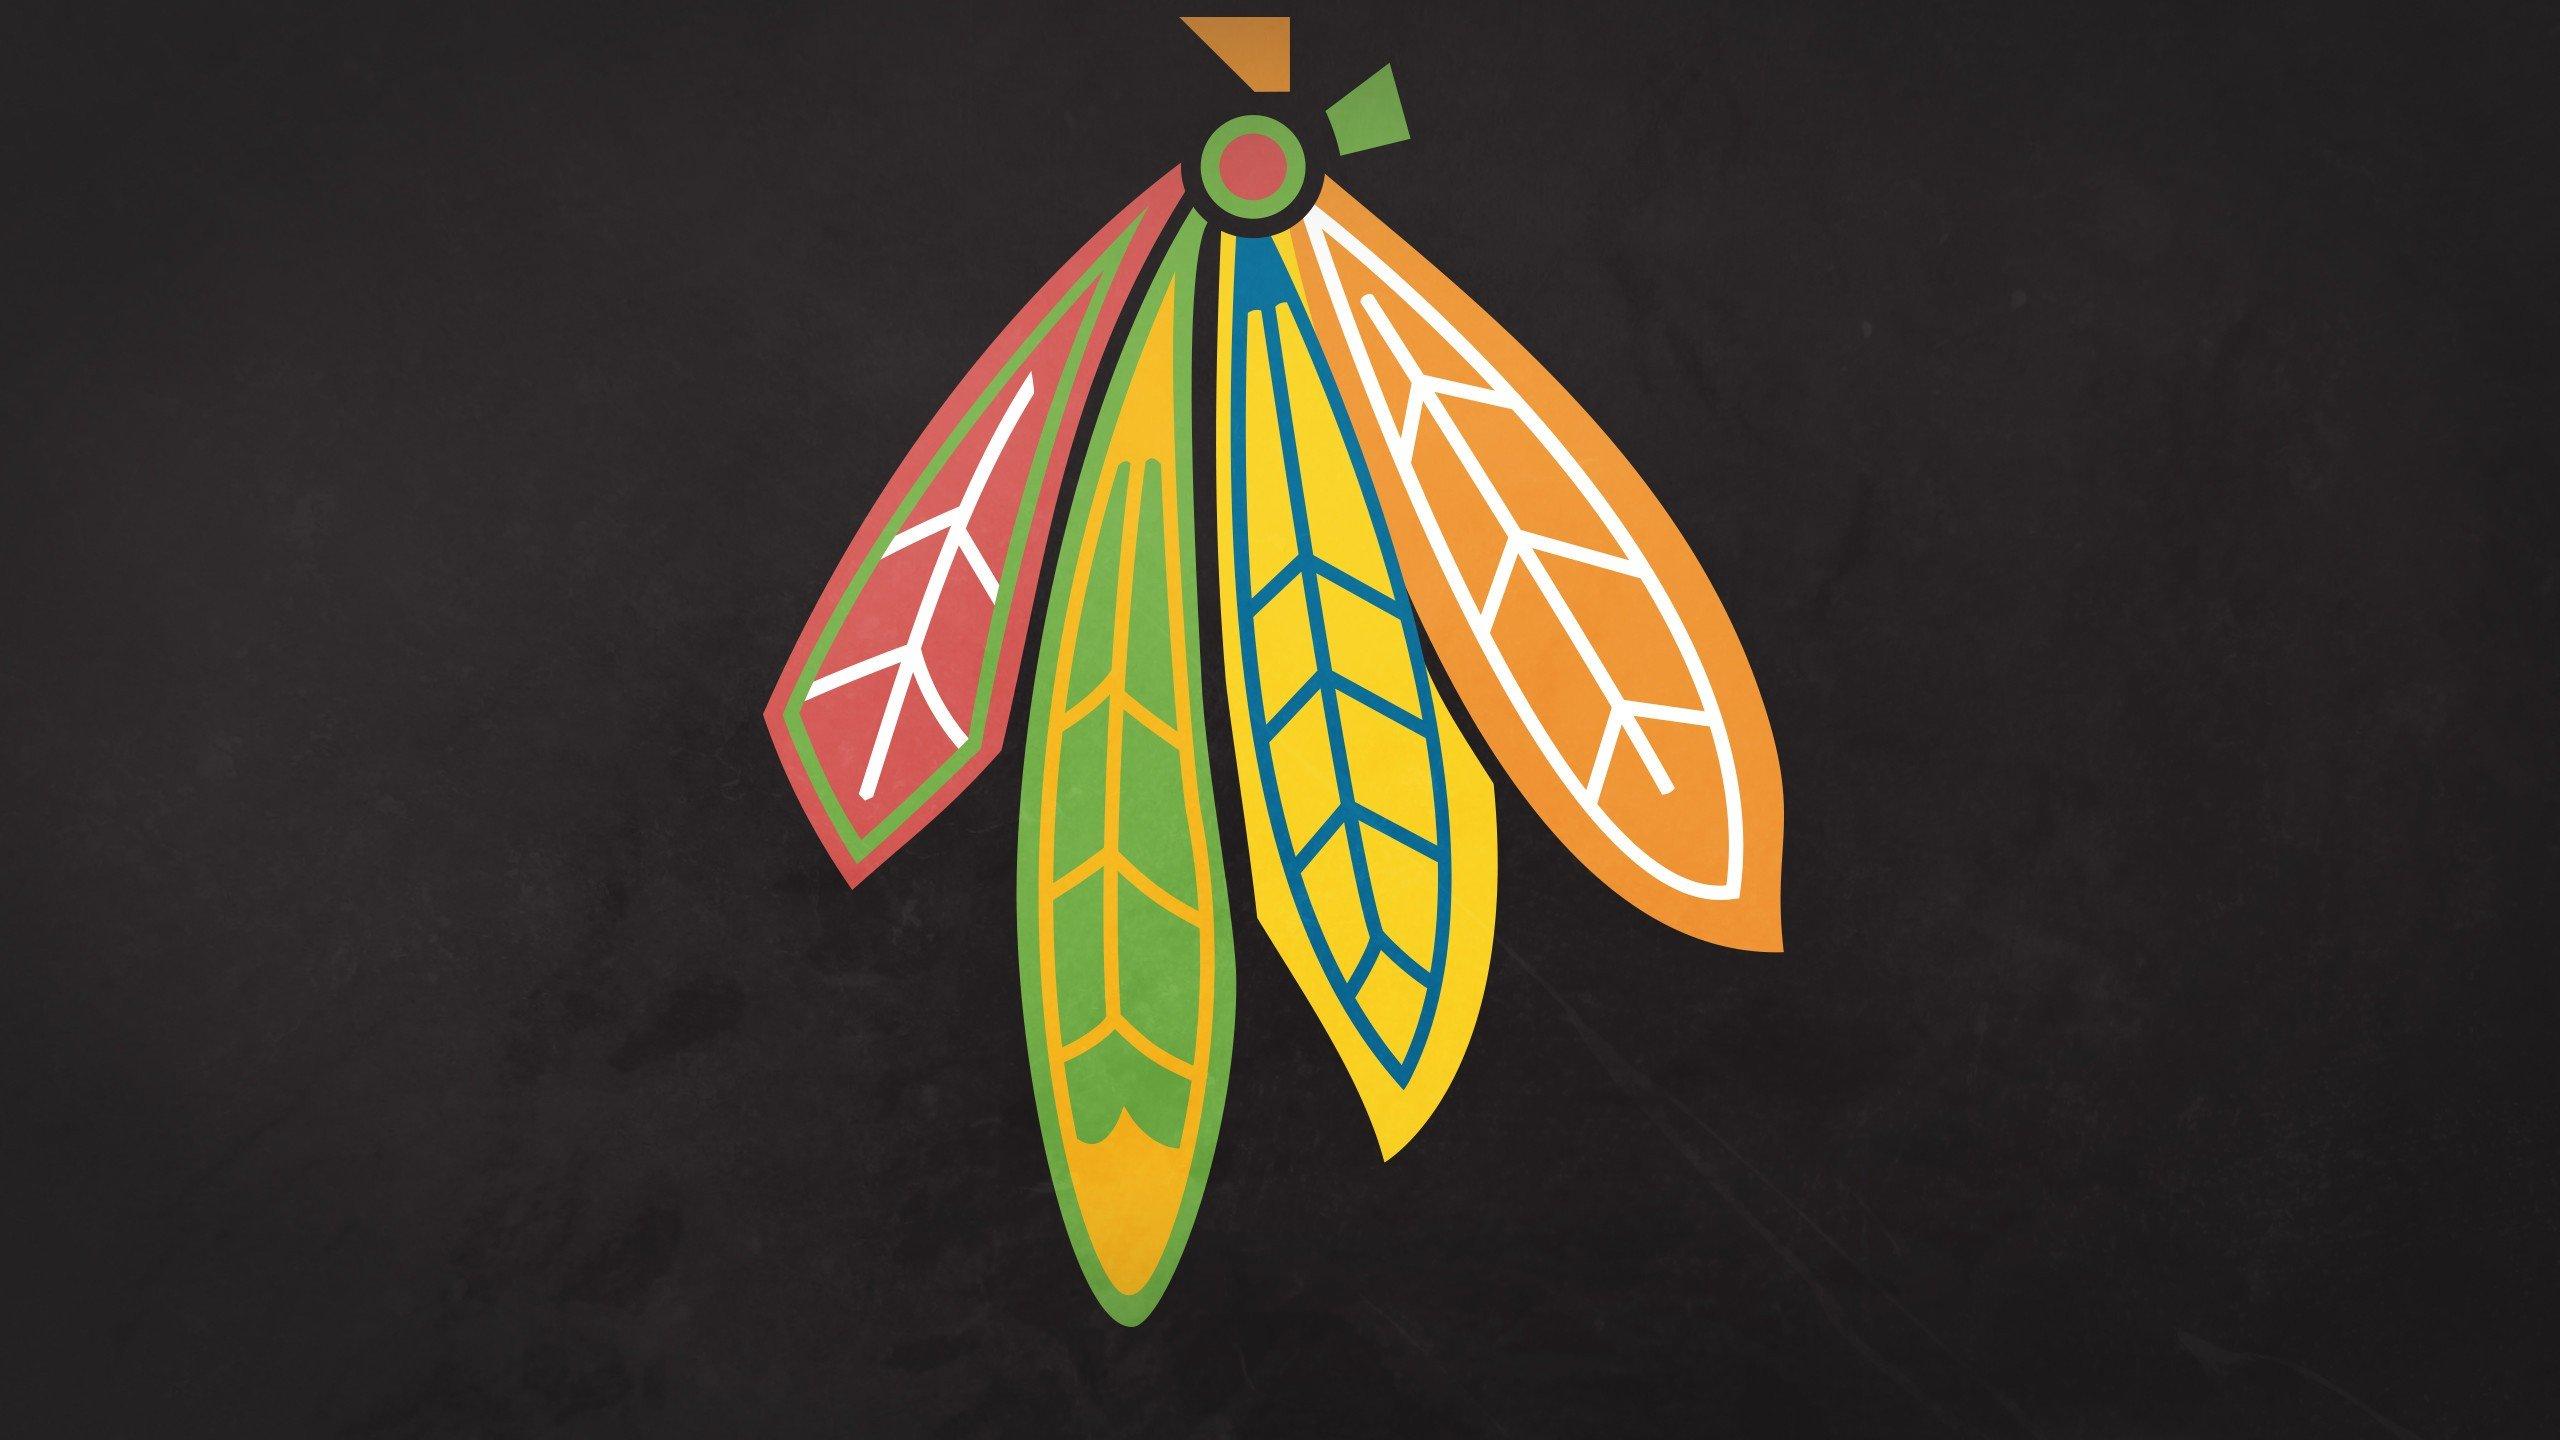 CHICAGO BLACKHAWKS Nhl Hockey 95 Wallpaper